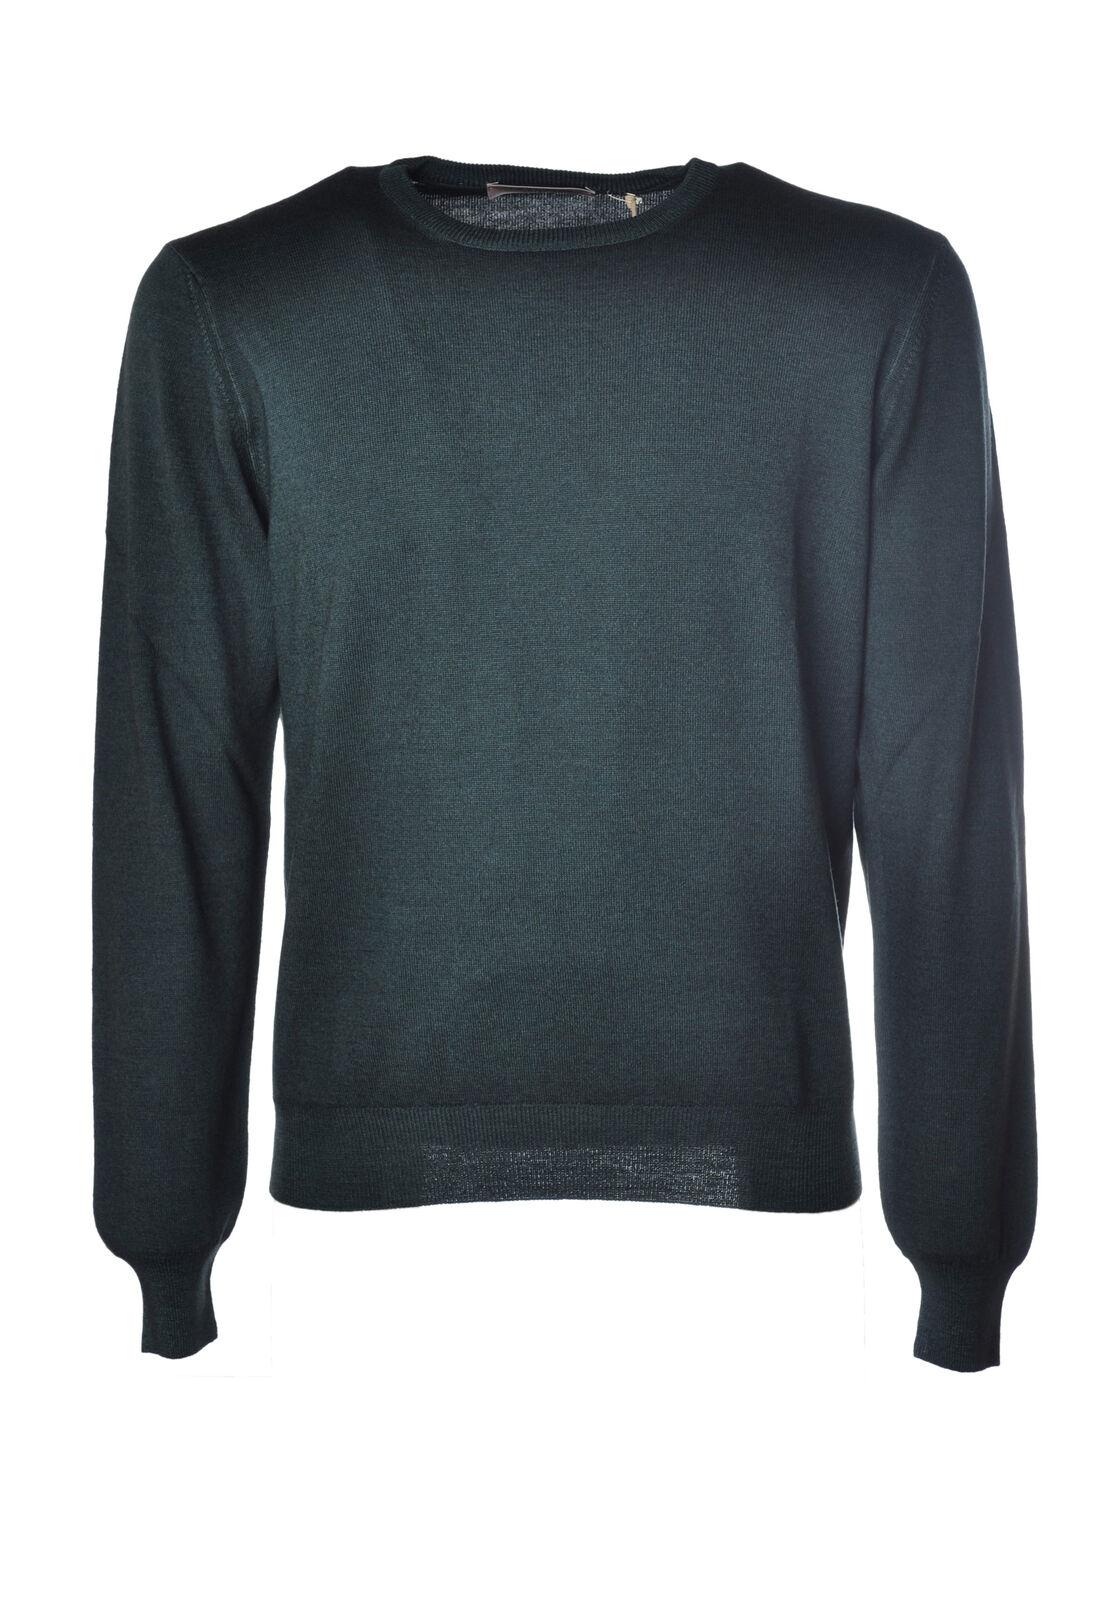 ba215e03f LA FILERIA - Knitwear-Sweaters - Man Green 3988008C191120 ...